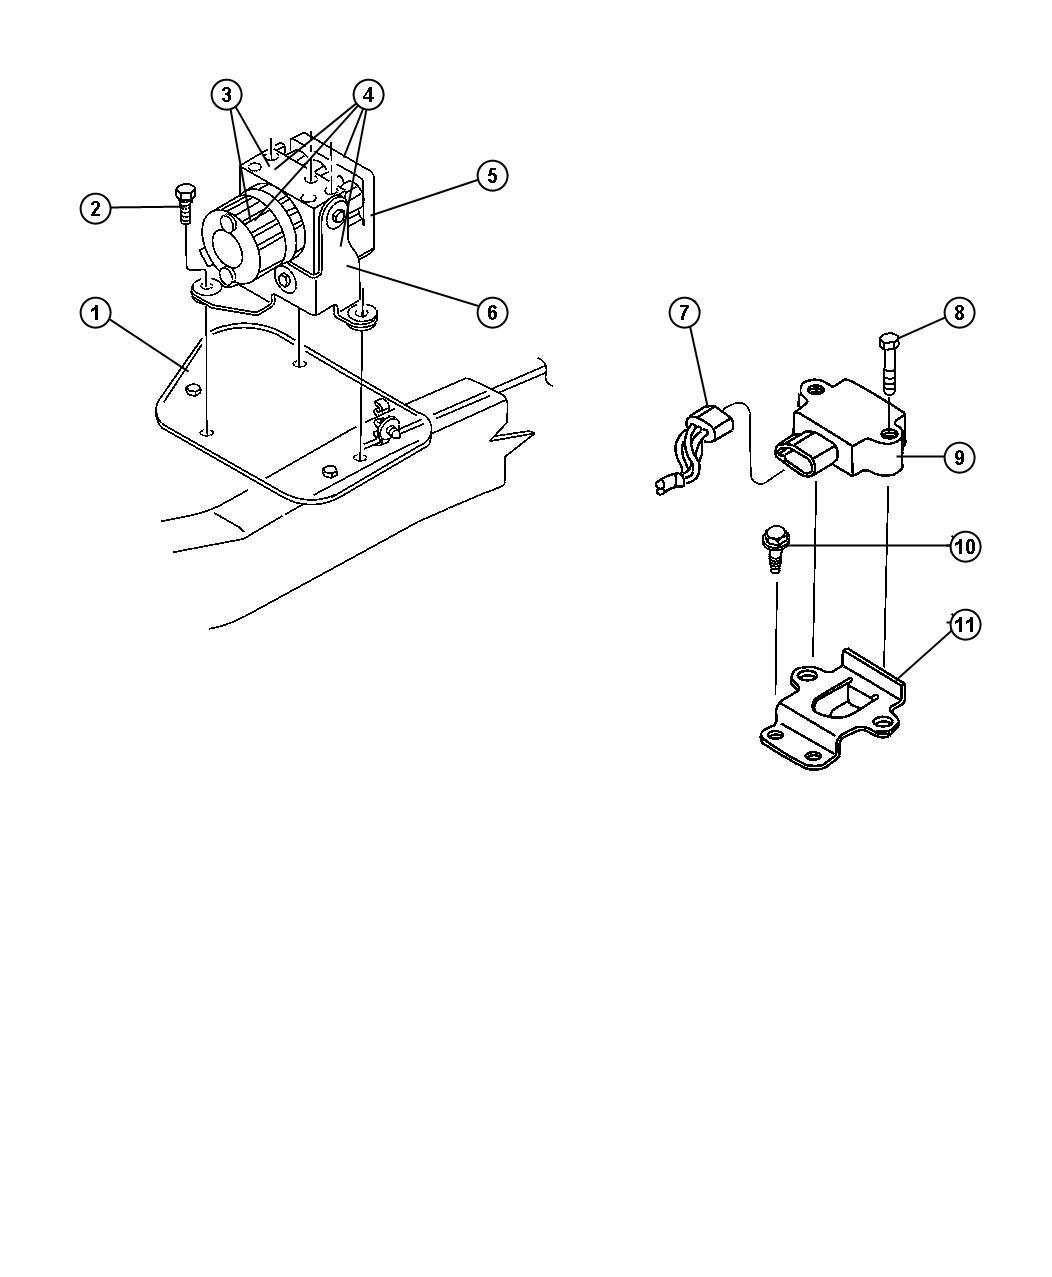 Abs Brake Diagram | Wiring Diagram Database